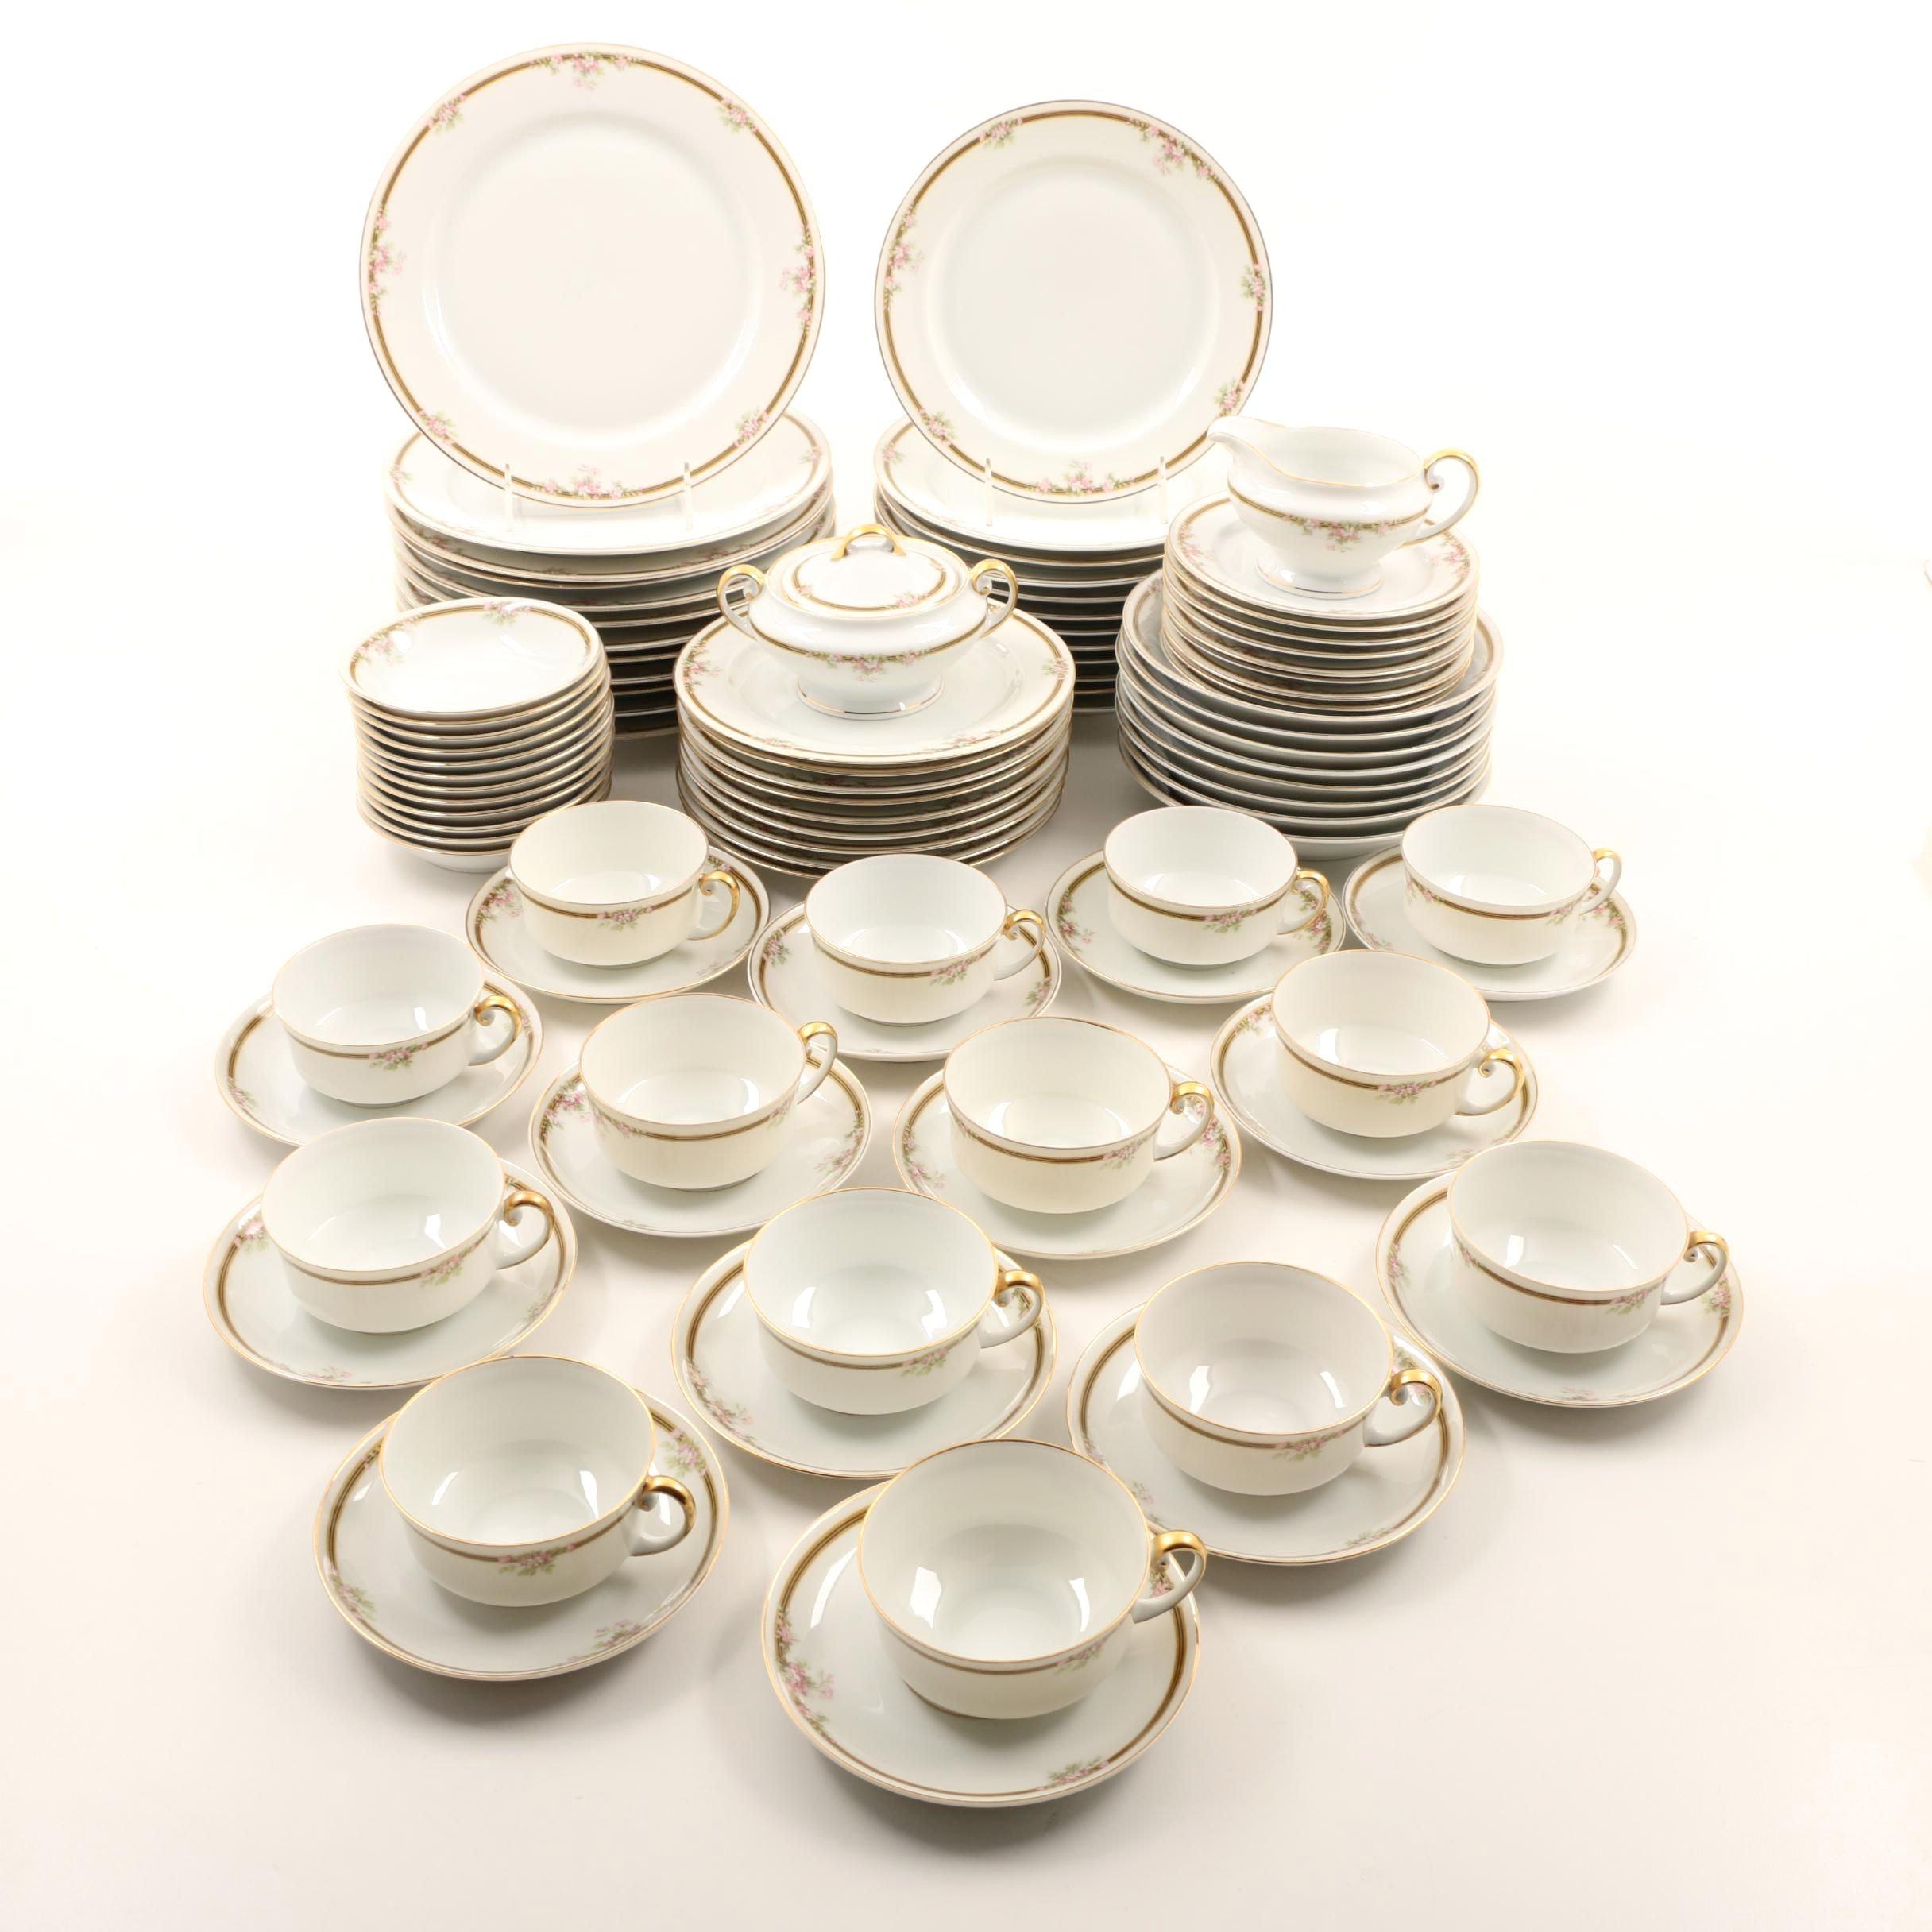 Vintage Tirschenreuth, Bavaria Porcelain Dinnerware Service